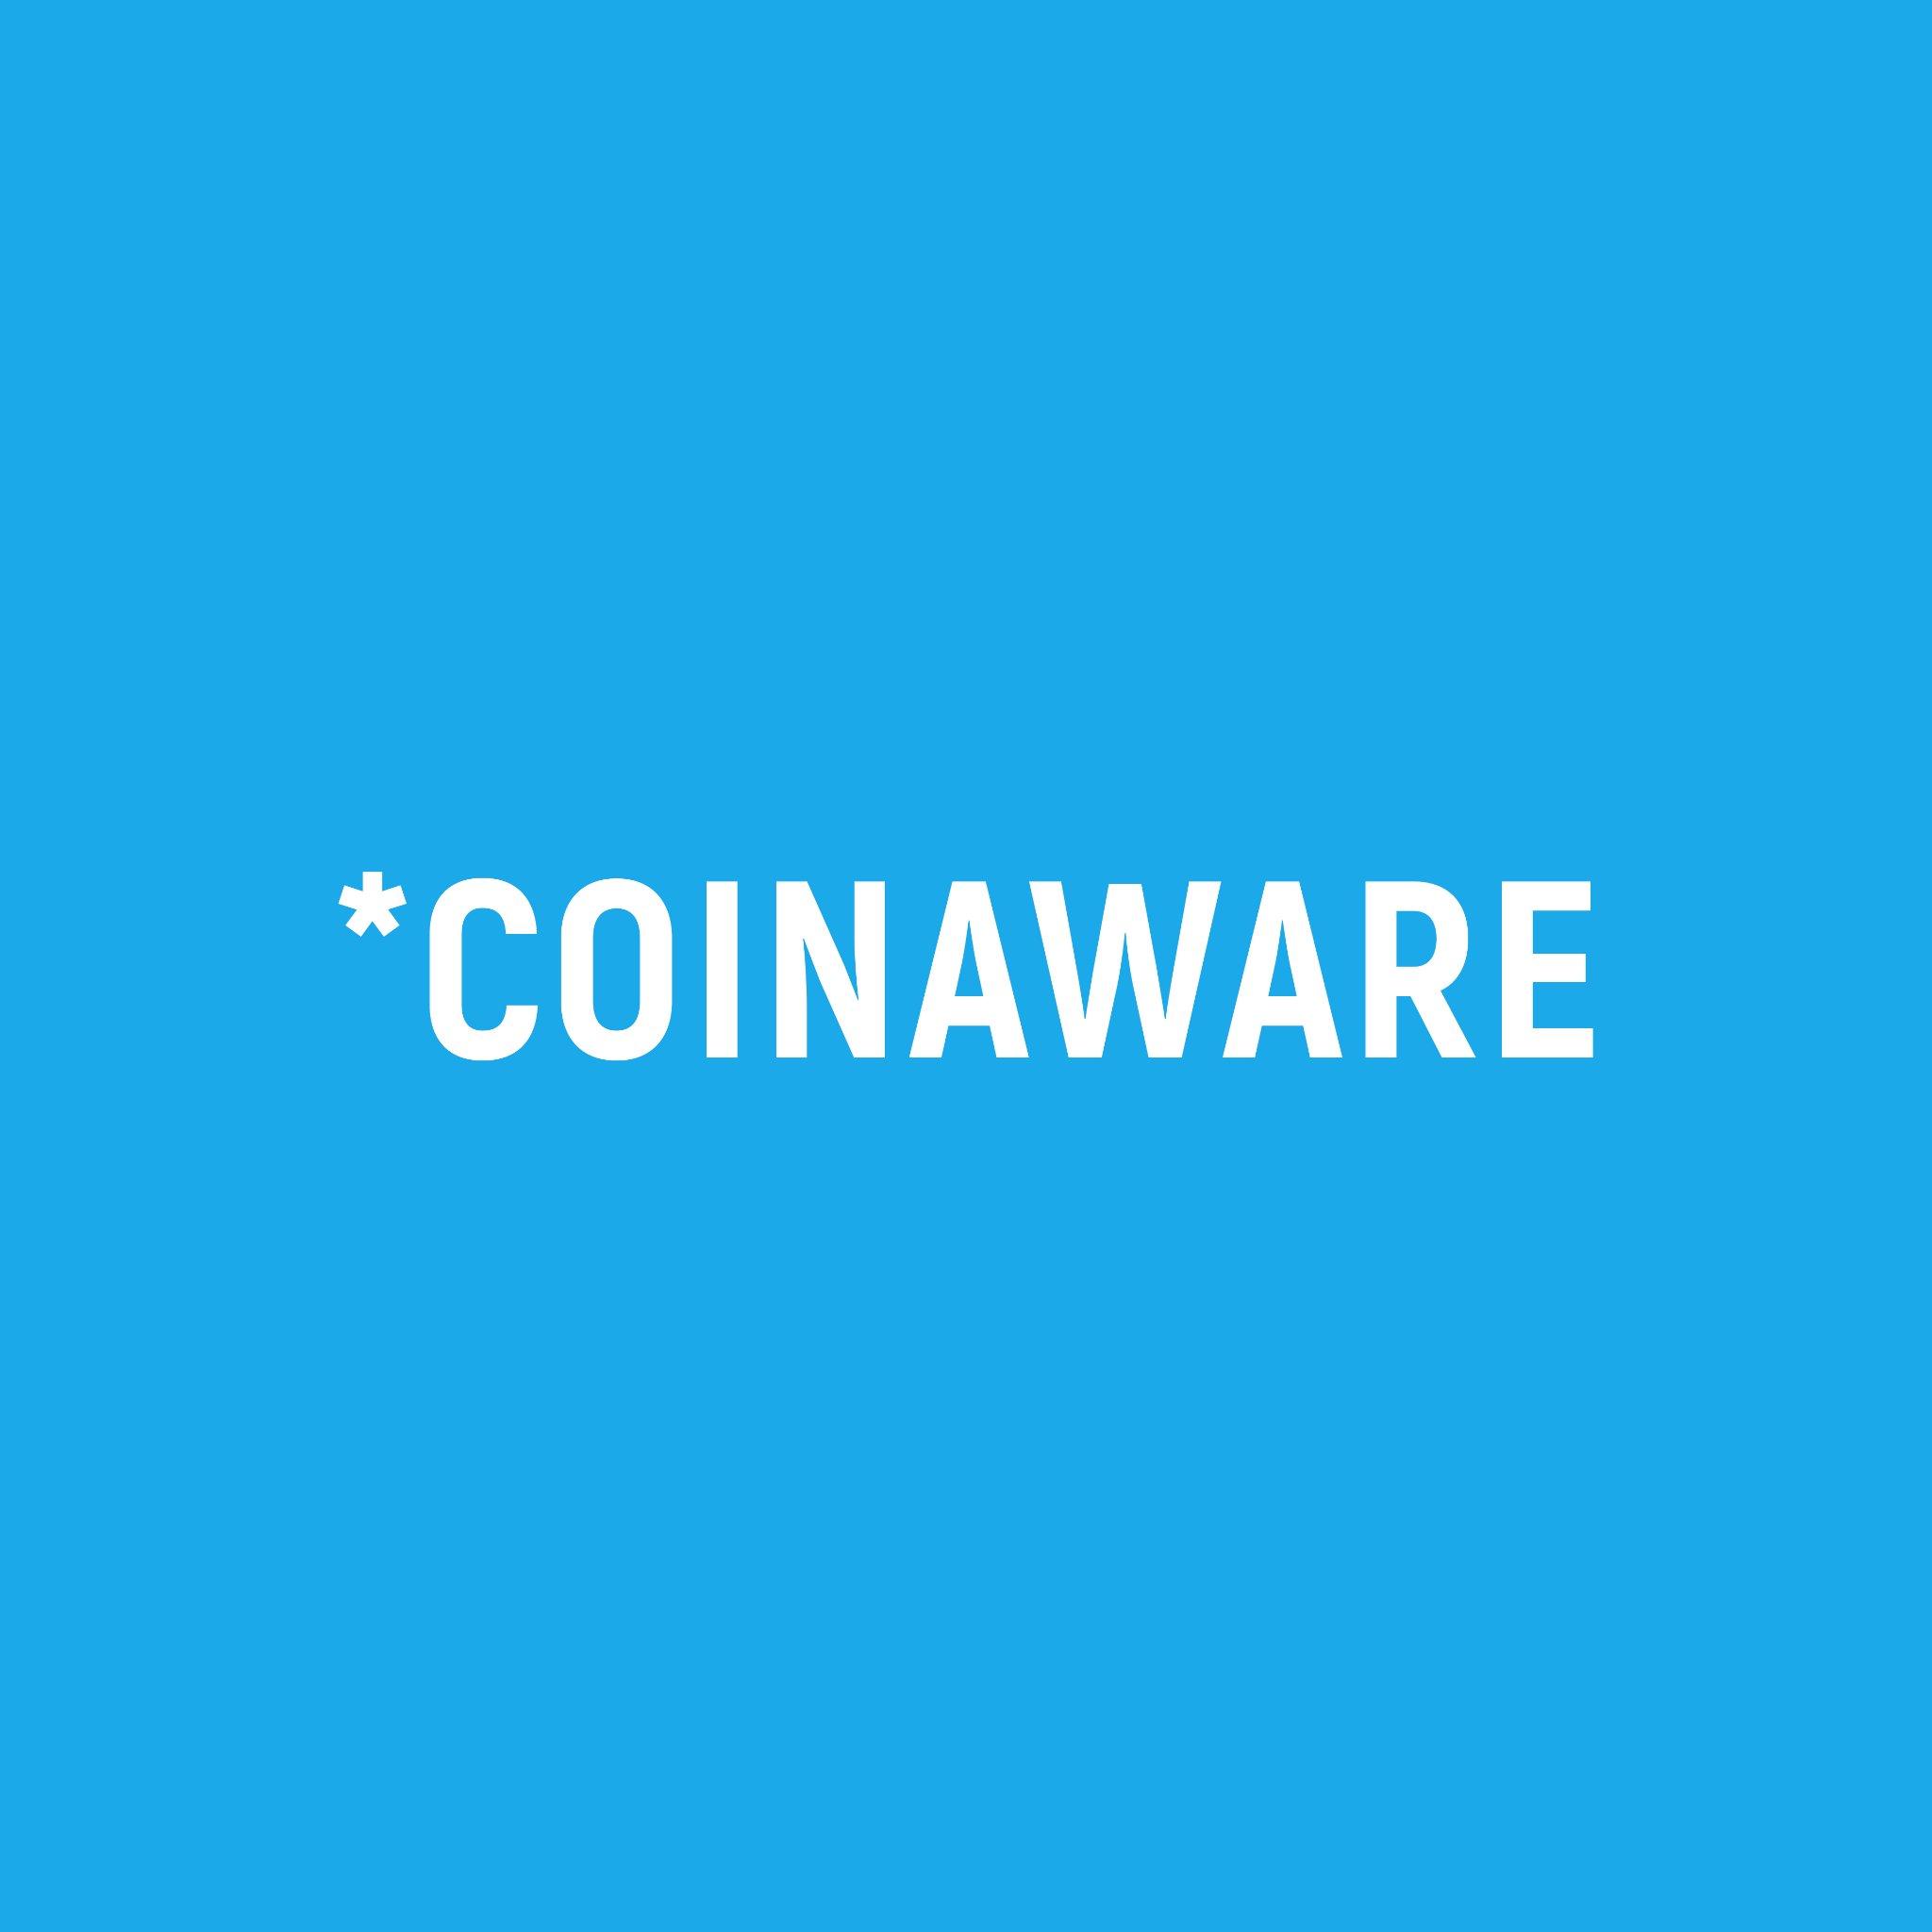 Coinaware